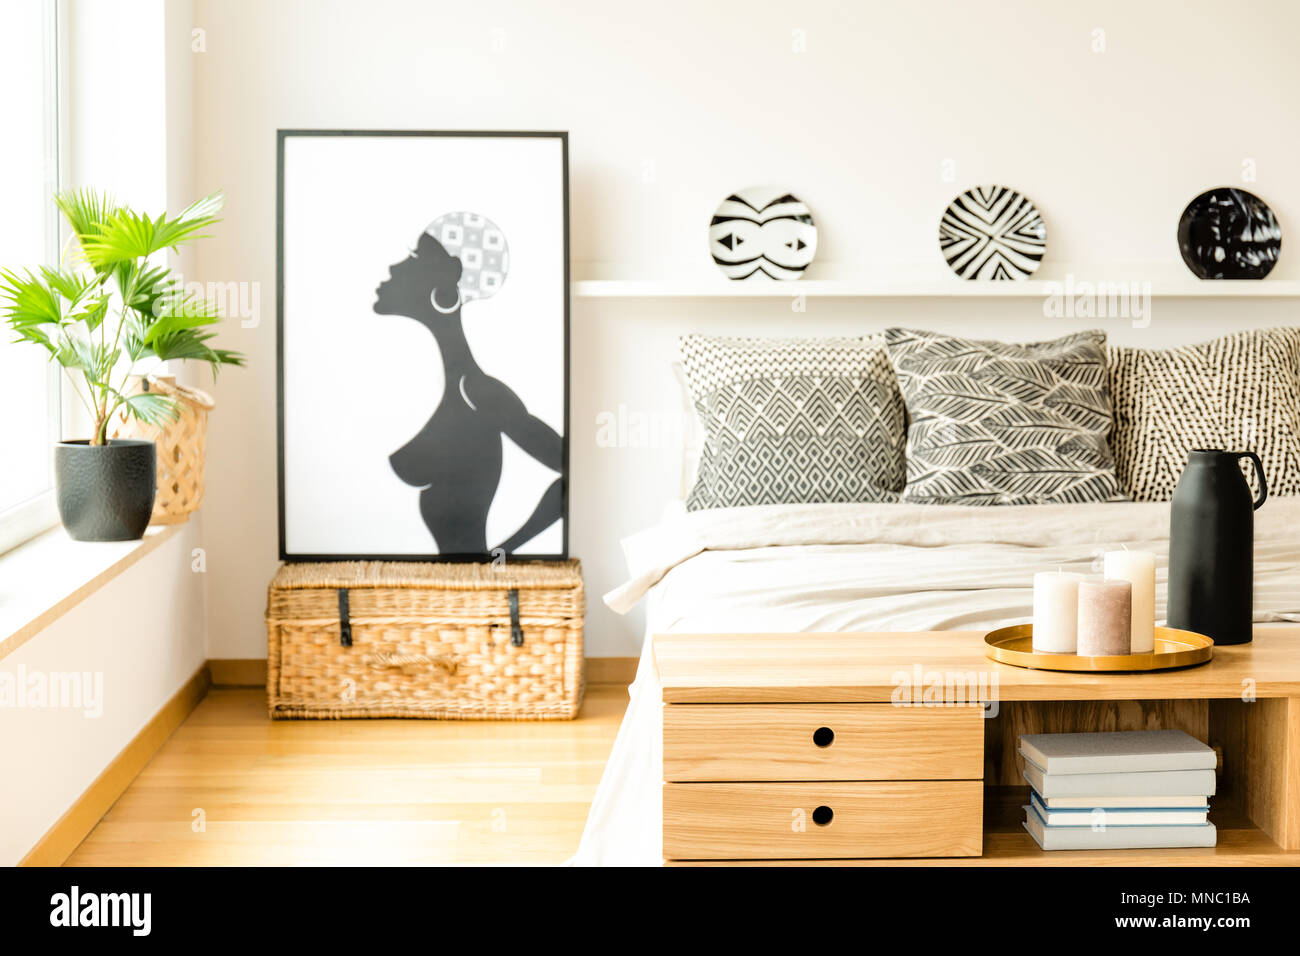 Candele Camera Da Letto : Candele sulla credenza in legno nella camera da letto accogliente